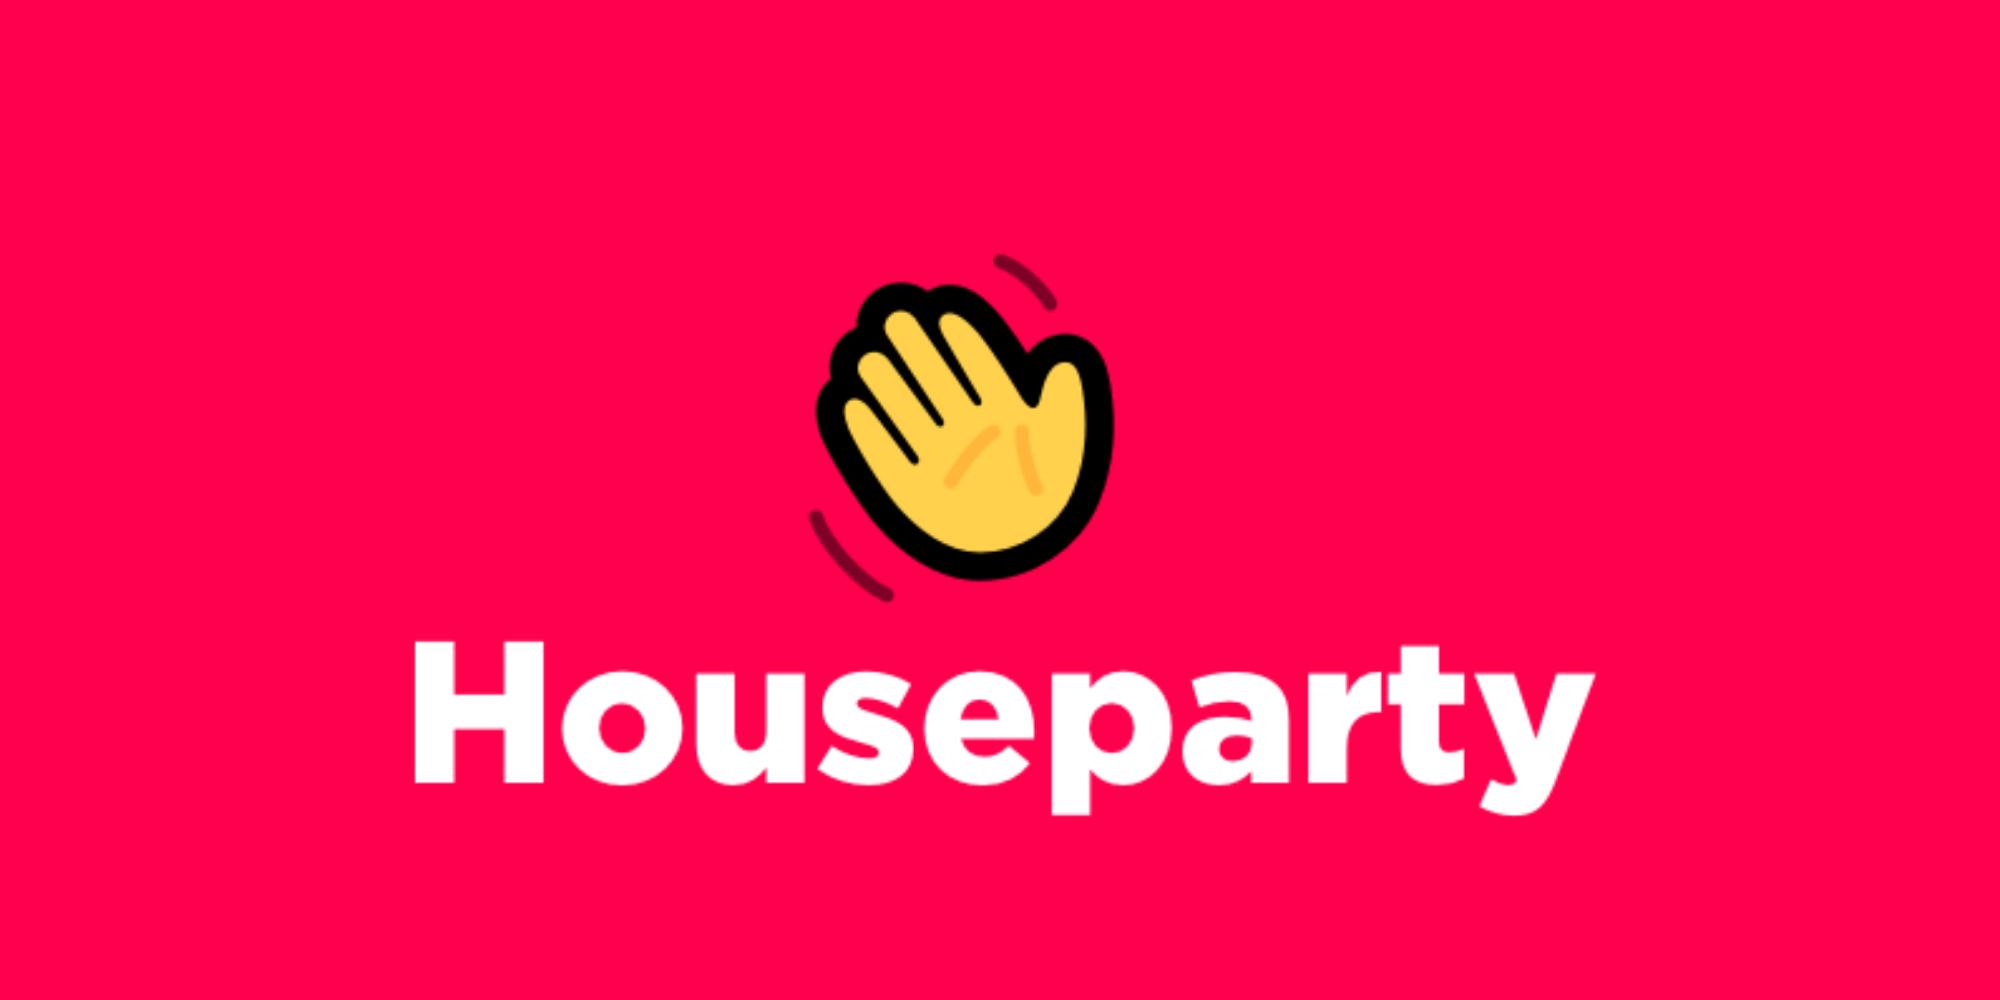 L'appli Houseparty, pour se retrouver entre amis